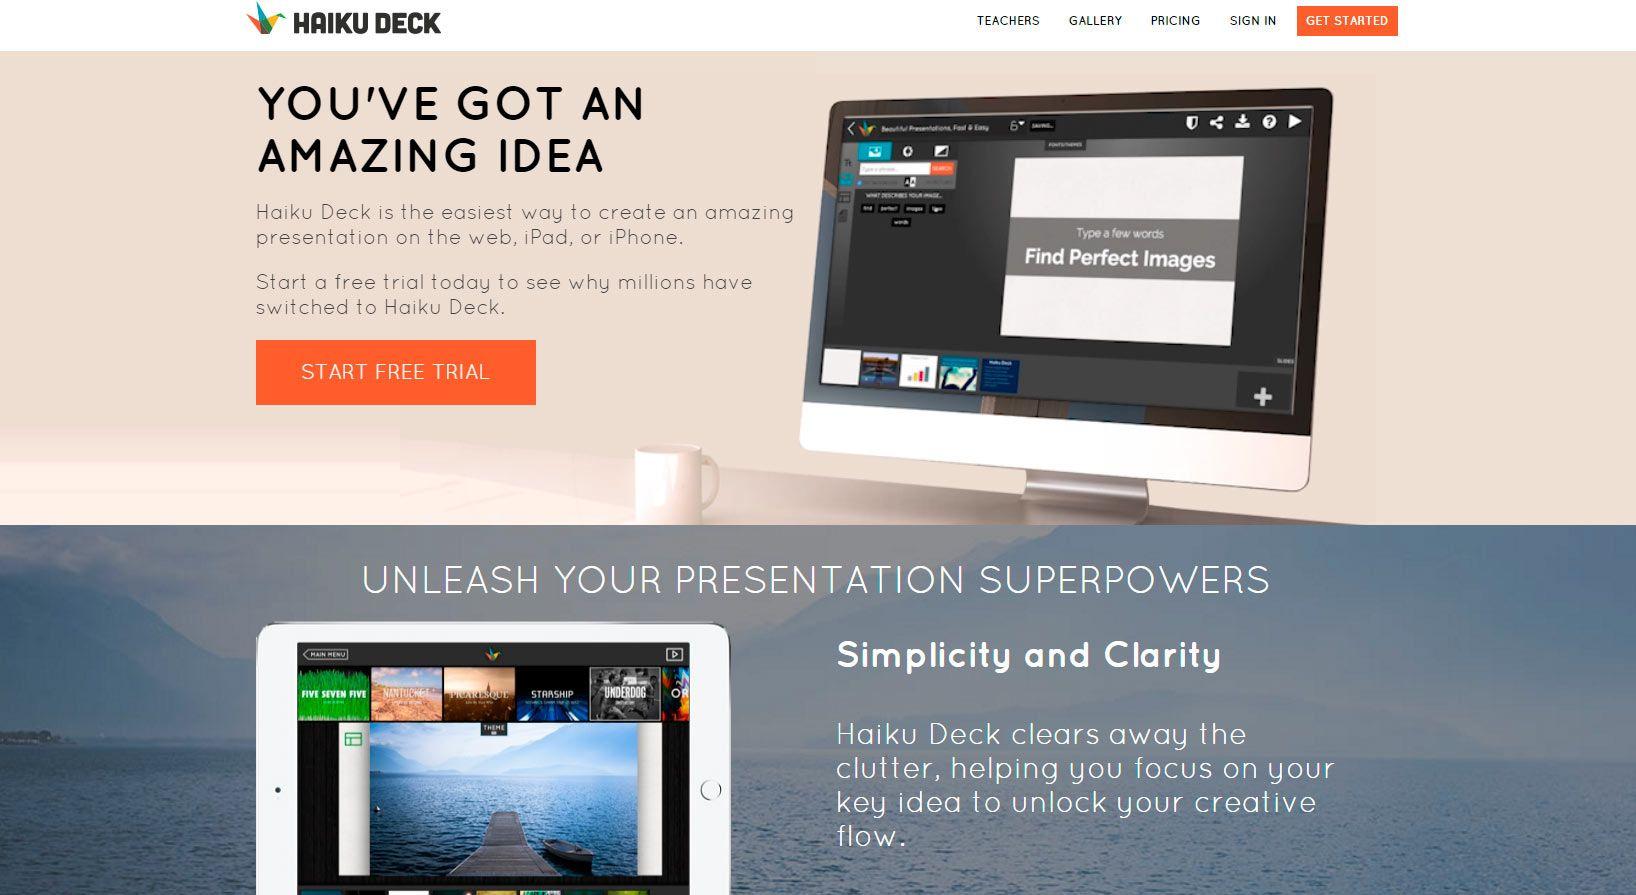 4 herramientas gratuitas para crear presentaciones muy chulas y potentes